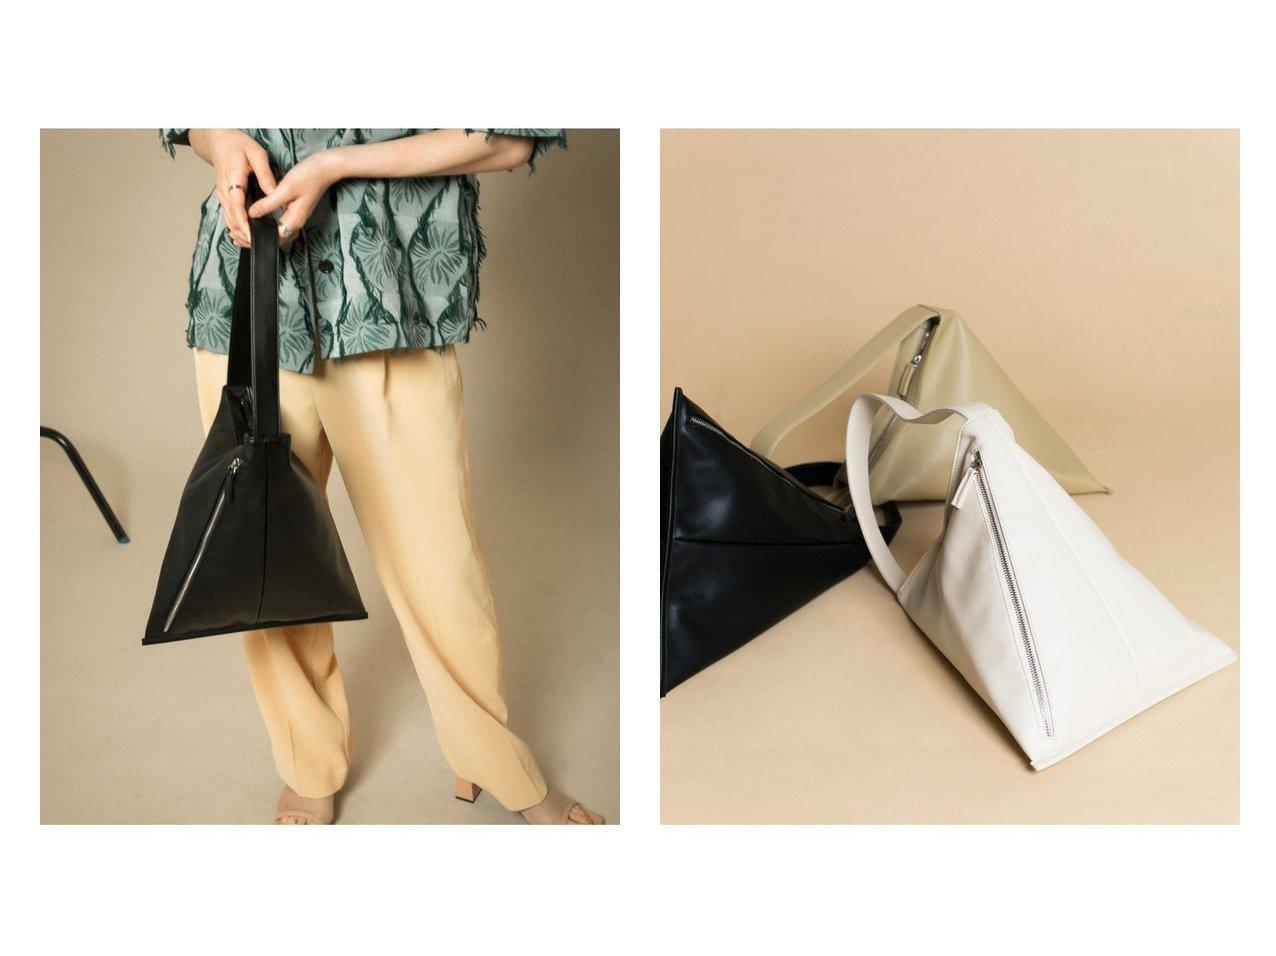 【KBF / URBAN RESEARCH/ケービーエフ】の変形ショルダーBAG 【バッグ・鞄】おすすめ!人気、トレンド・レディースファッションの通販 おすすめで人気の流行・トレンド、ファッションの通販商品 インテリア・家具・メンズファッション・キッズファッション・レディースファッション・服の通販 founy(ファニー) https://founy.com/ ファッション Fashion レディースファッション WOMEN バッグ Bag ショルダー ジップ トートバック フロント ベーシック ポケット  ID:crp329100000062653